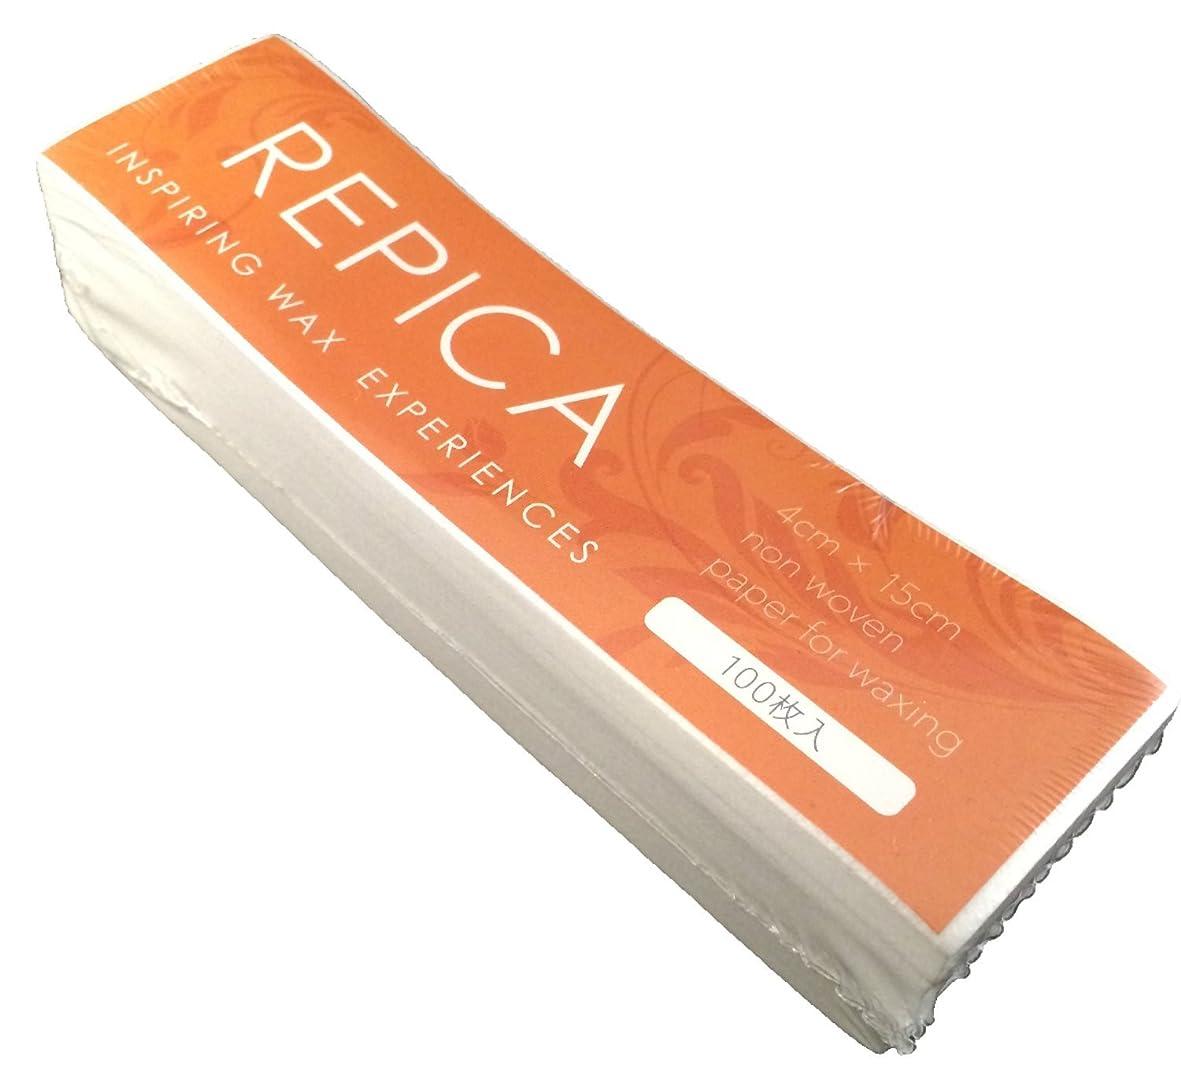 説明よりペルーREPICA ブラジリアンワックス脱毛 カットペーパー Sサイズ100枚入り×5個セット ワックス脱毛 ワックスシート ストリップシート